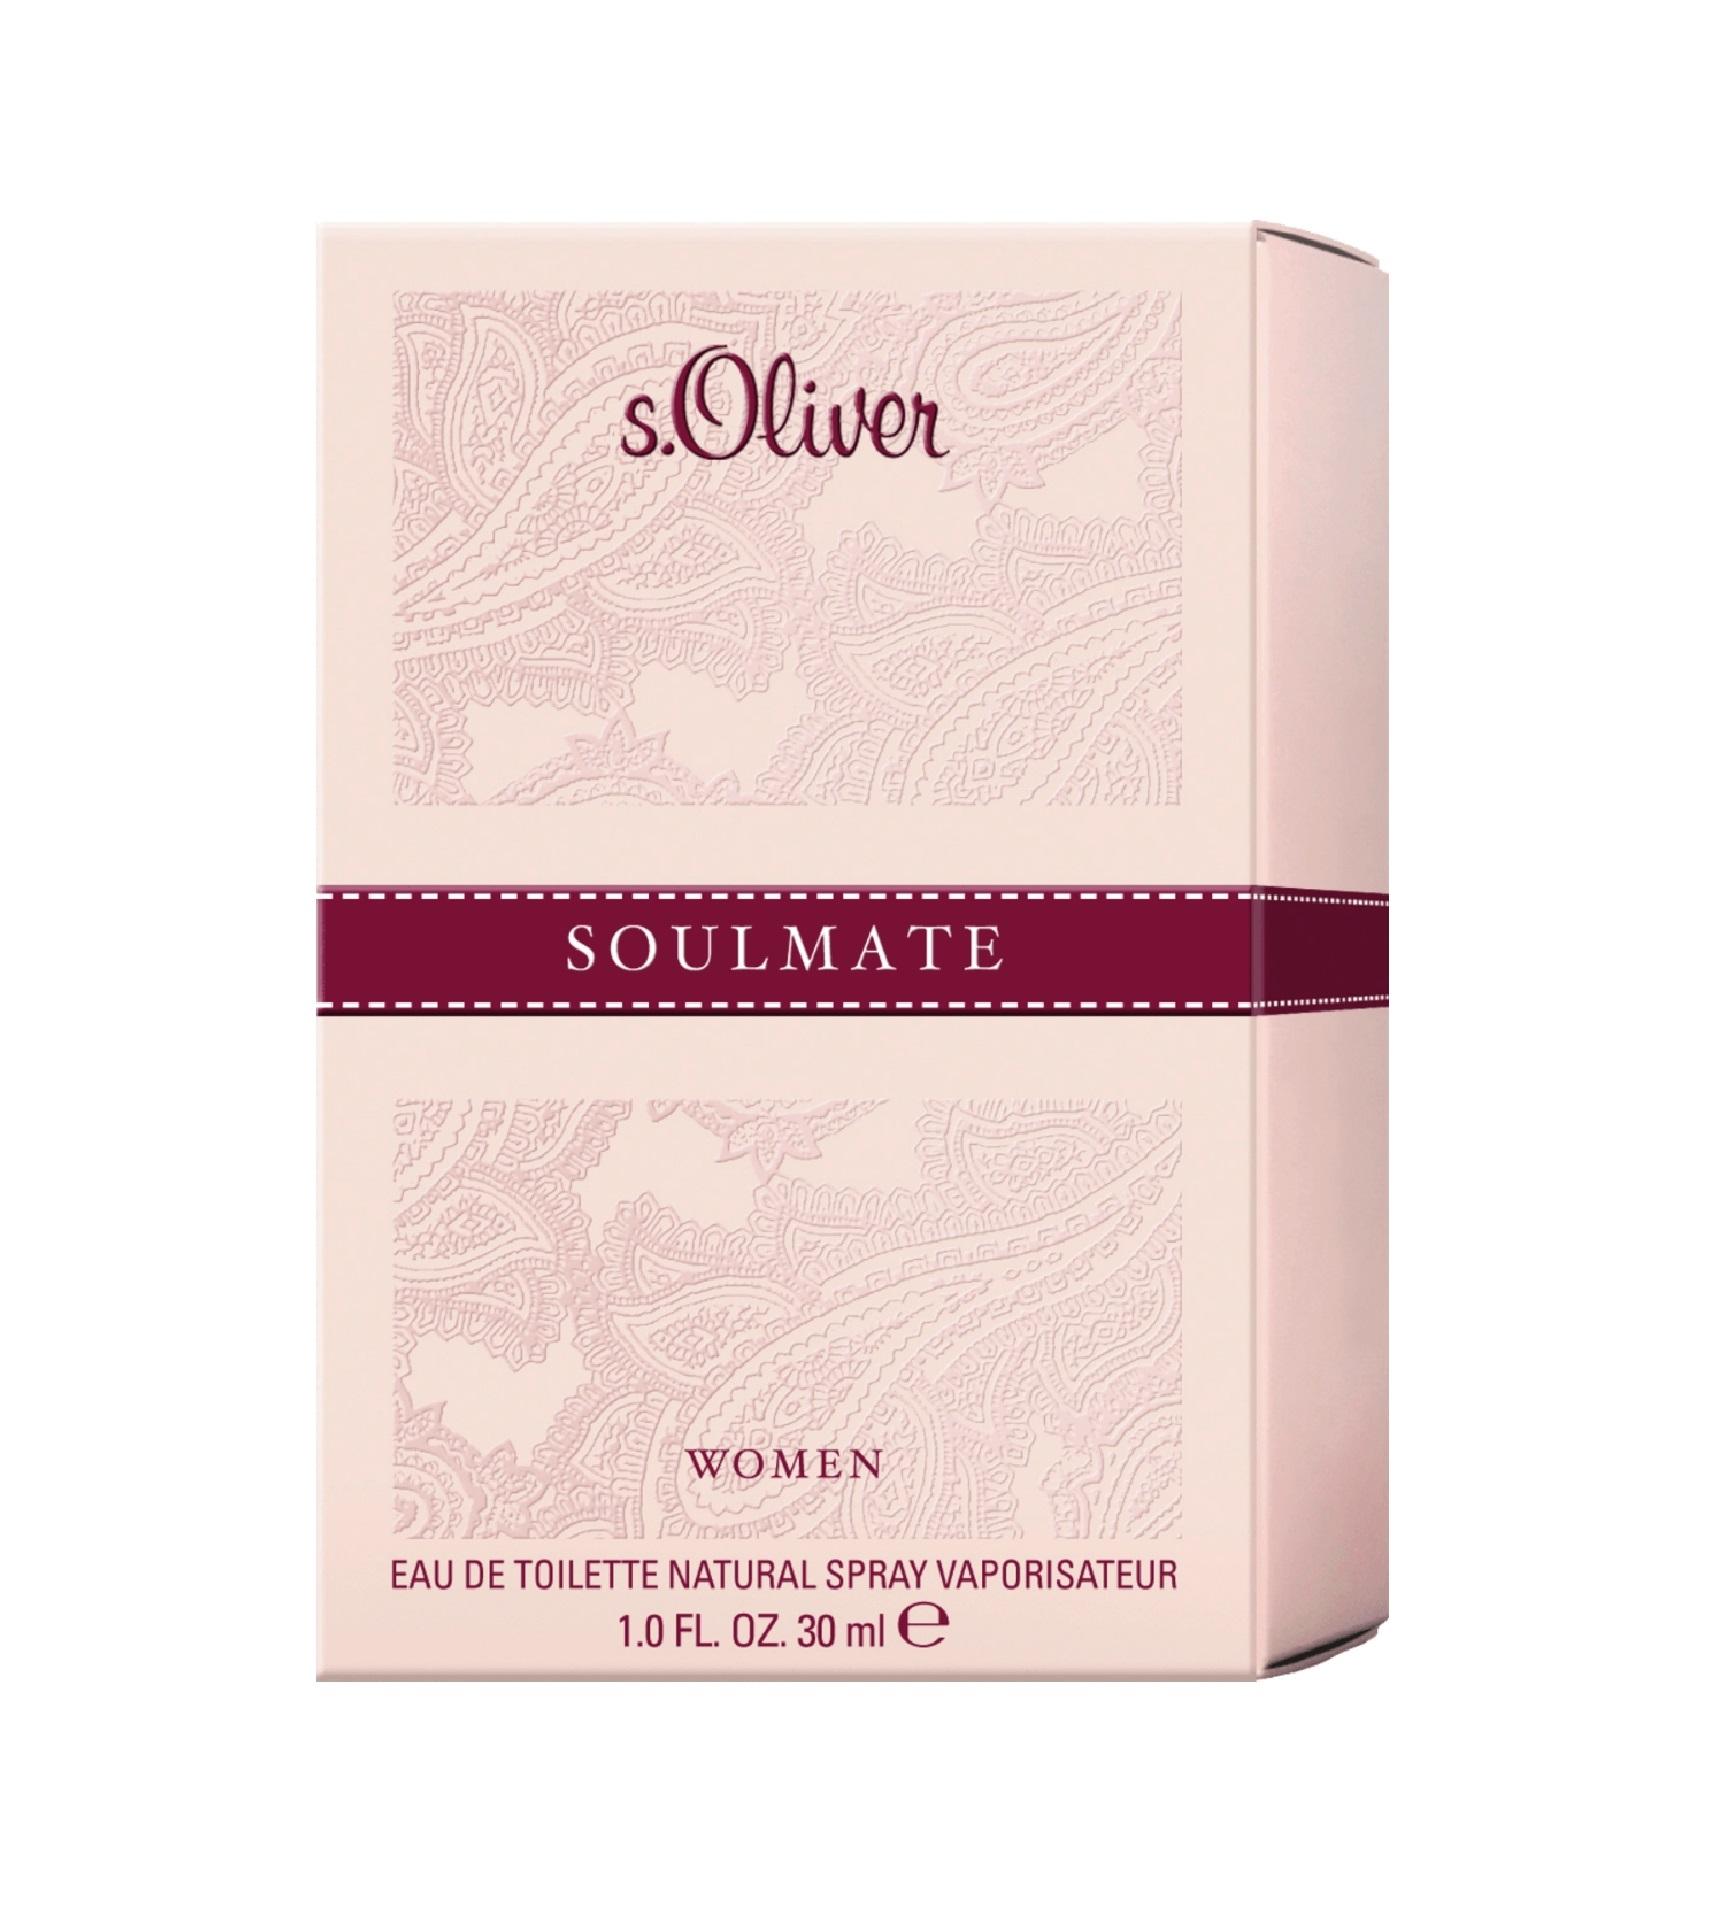 s.Oliver Eau de Toilette Superior men, 30 ml – Perla  #1 Au